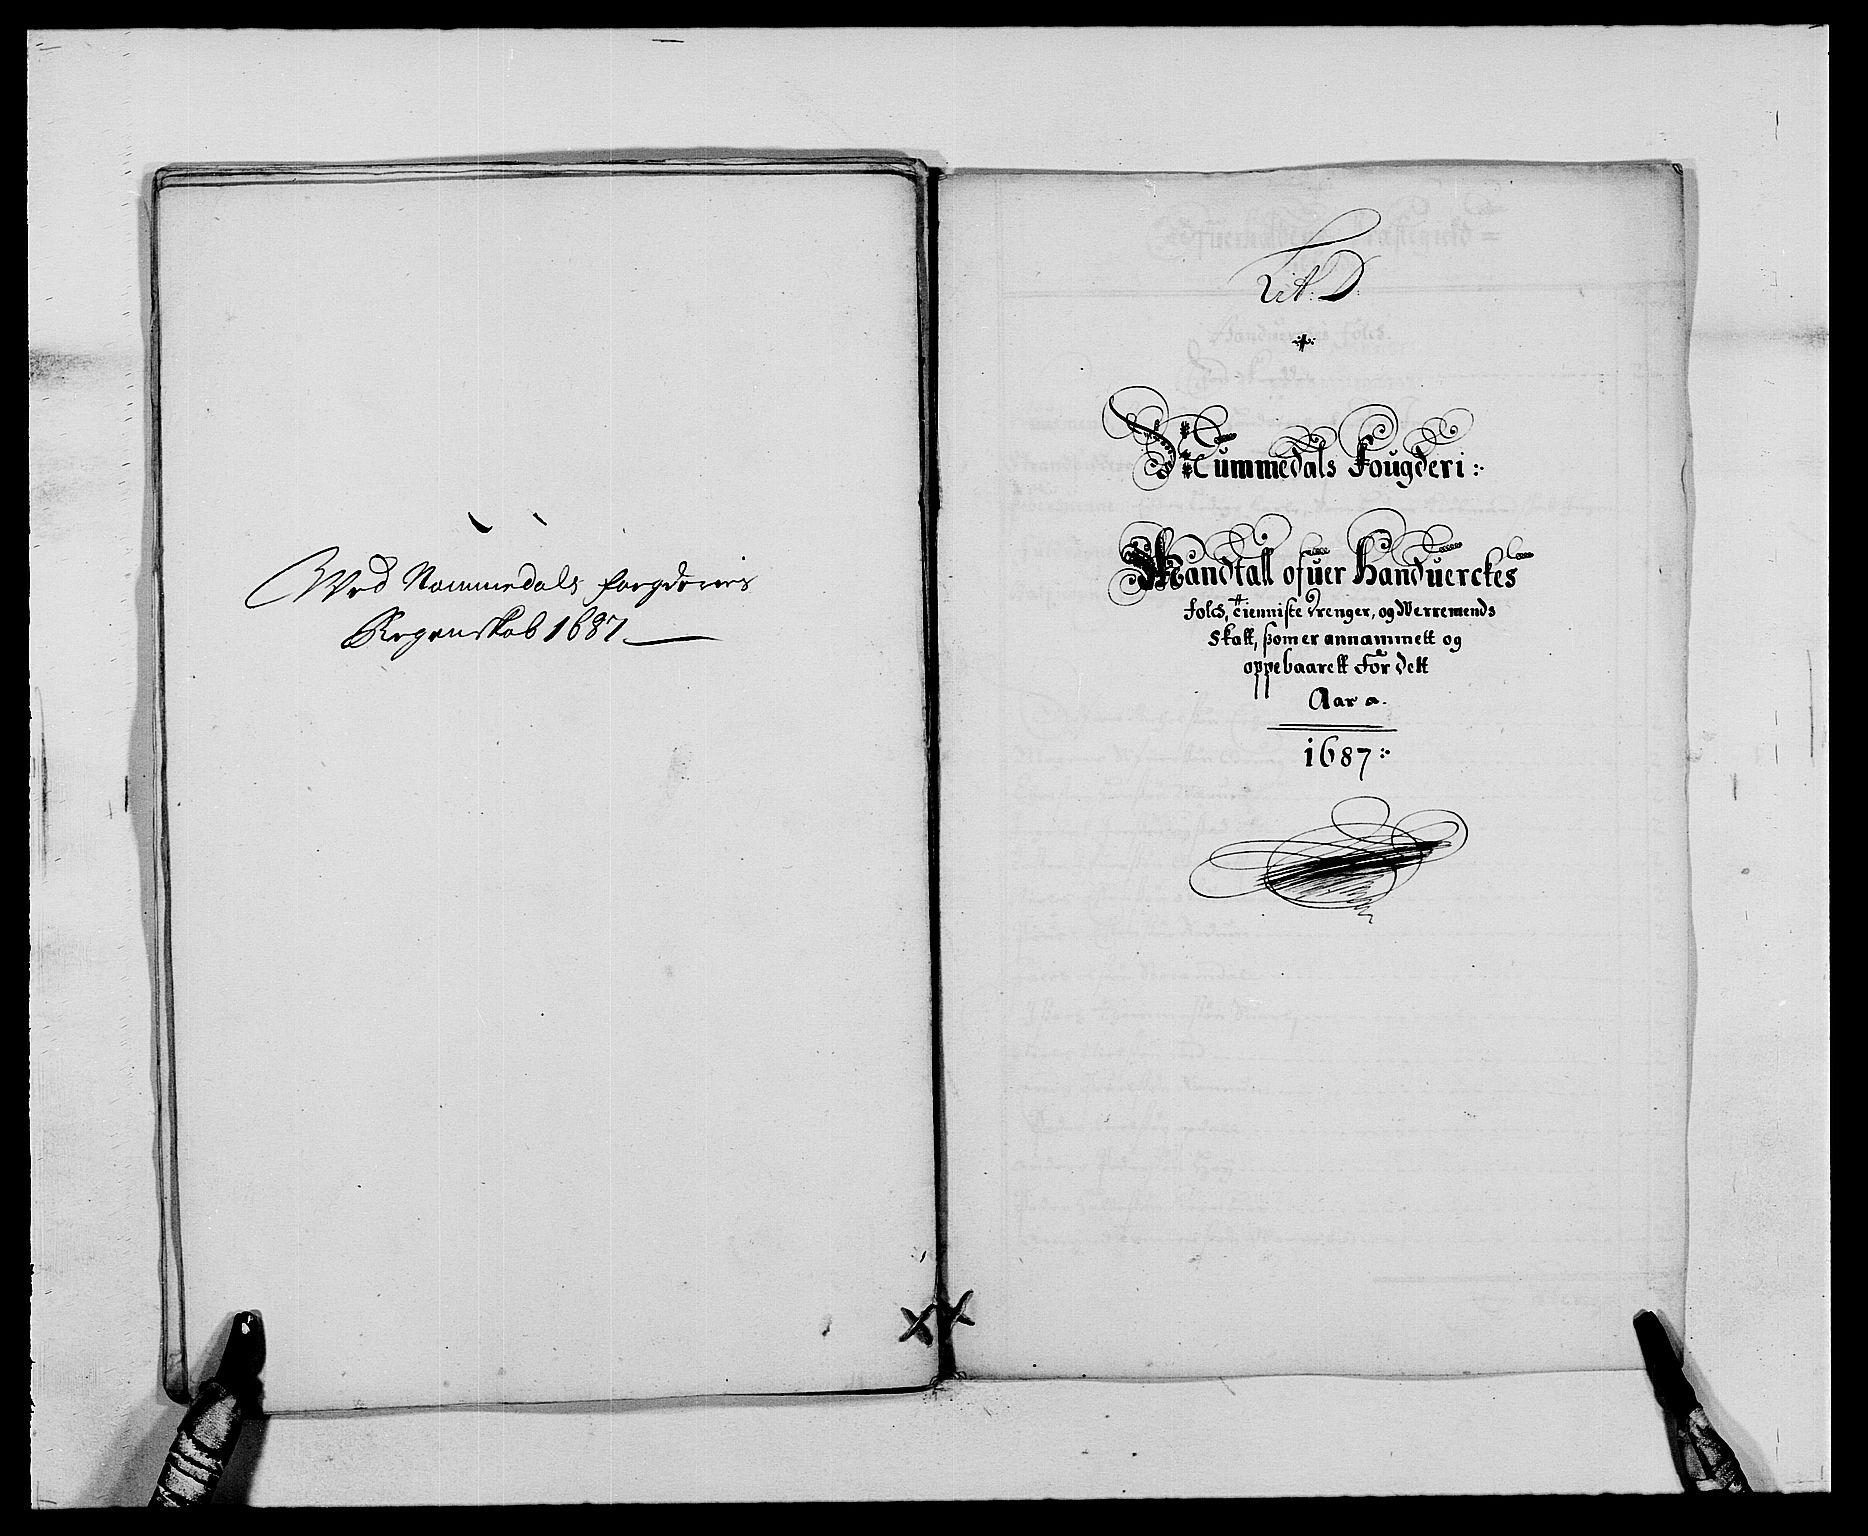 RA, Rentekammeret inntil 1814, Reviderte regnskaper, Fogderegnskap, R64/L4422: Fogderegnskap Namdal, 1687-1689, s. 17